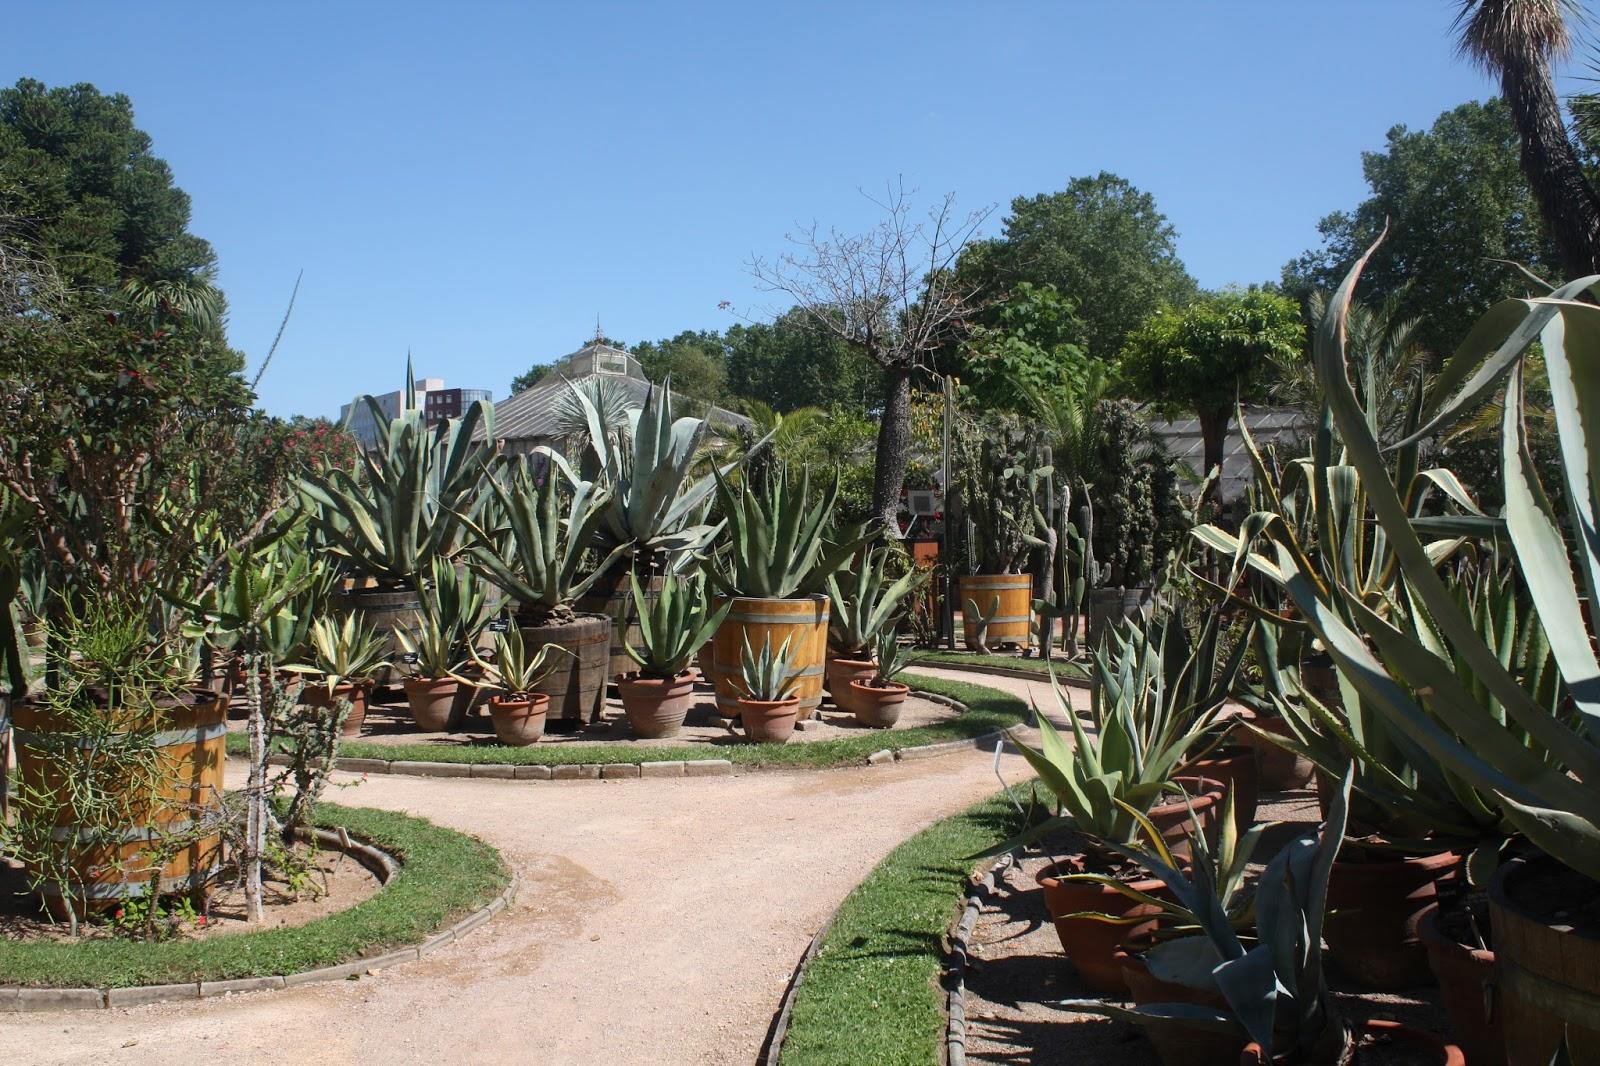 Lyon parc de la tete d or 2 le jardin mexicain mes for Jardin lyon